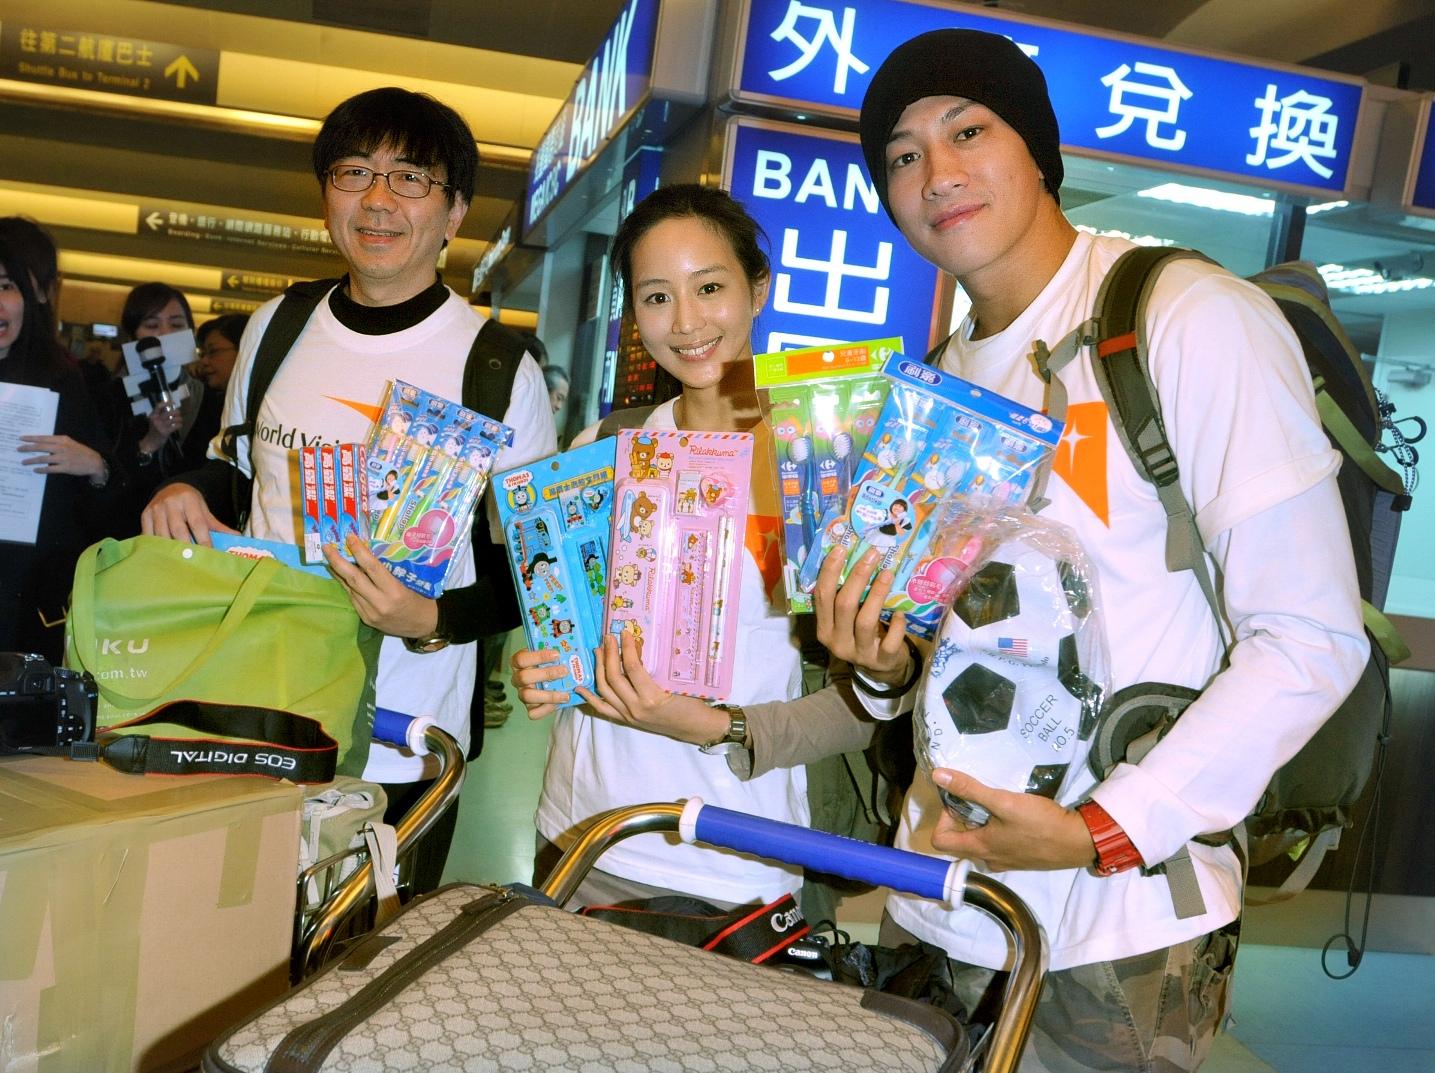 張鈞甯、何潤東為越南小朋友準備了許多文具、盥洗用具等禮物-台灣世界展望會提供.jpg